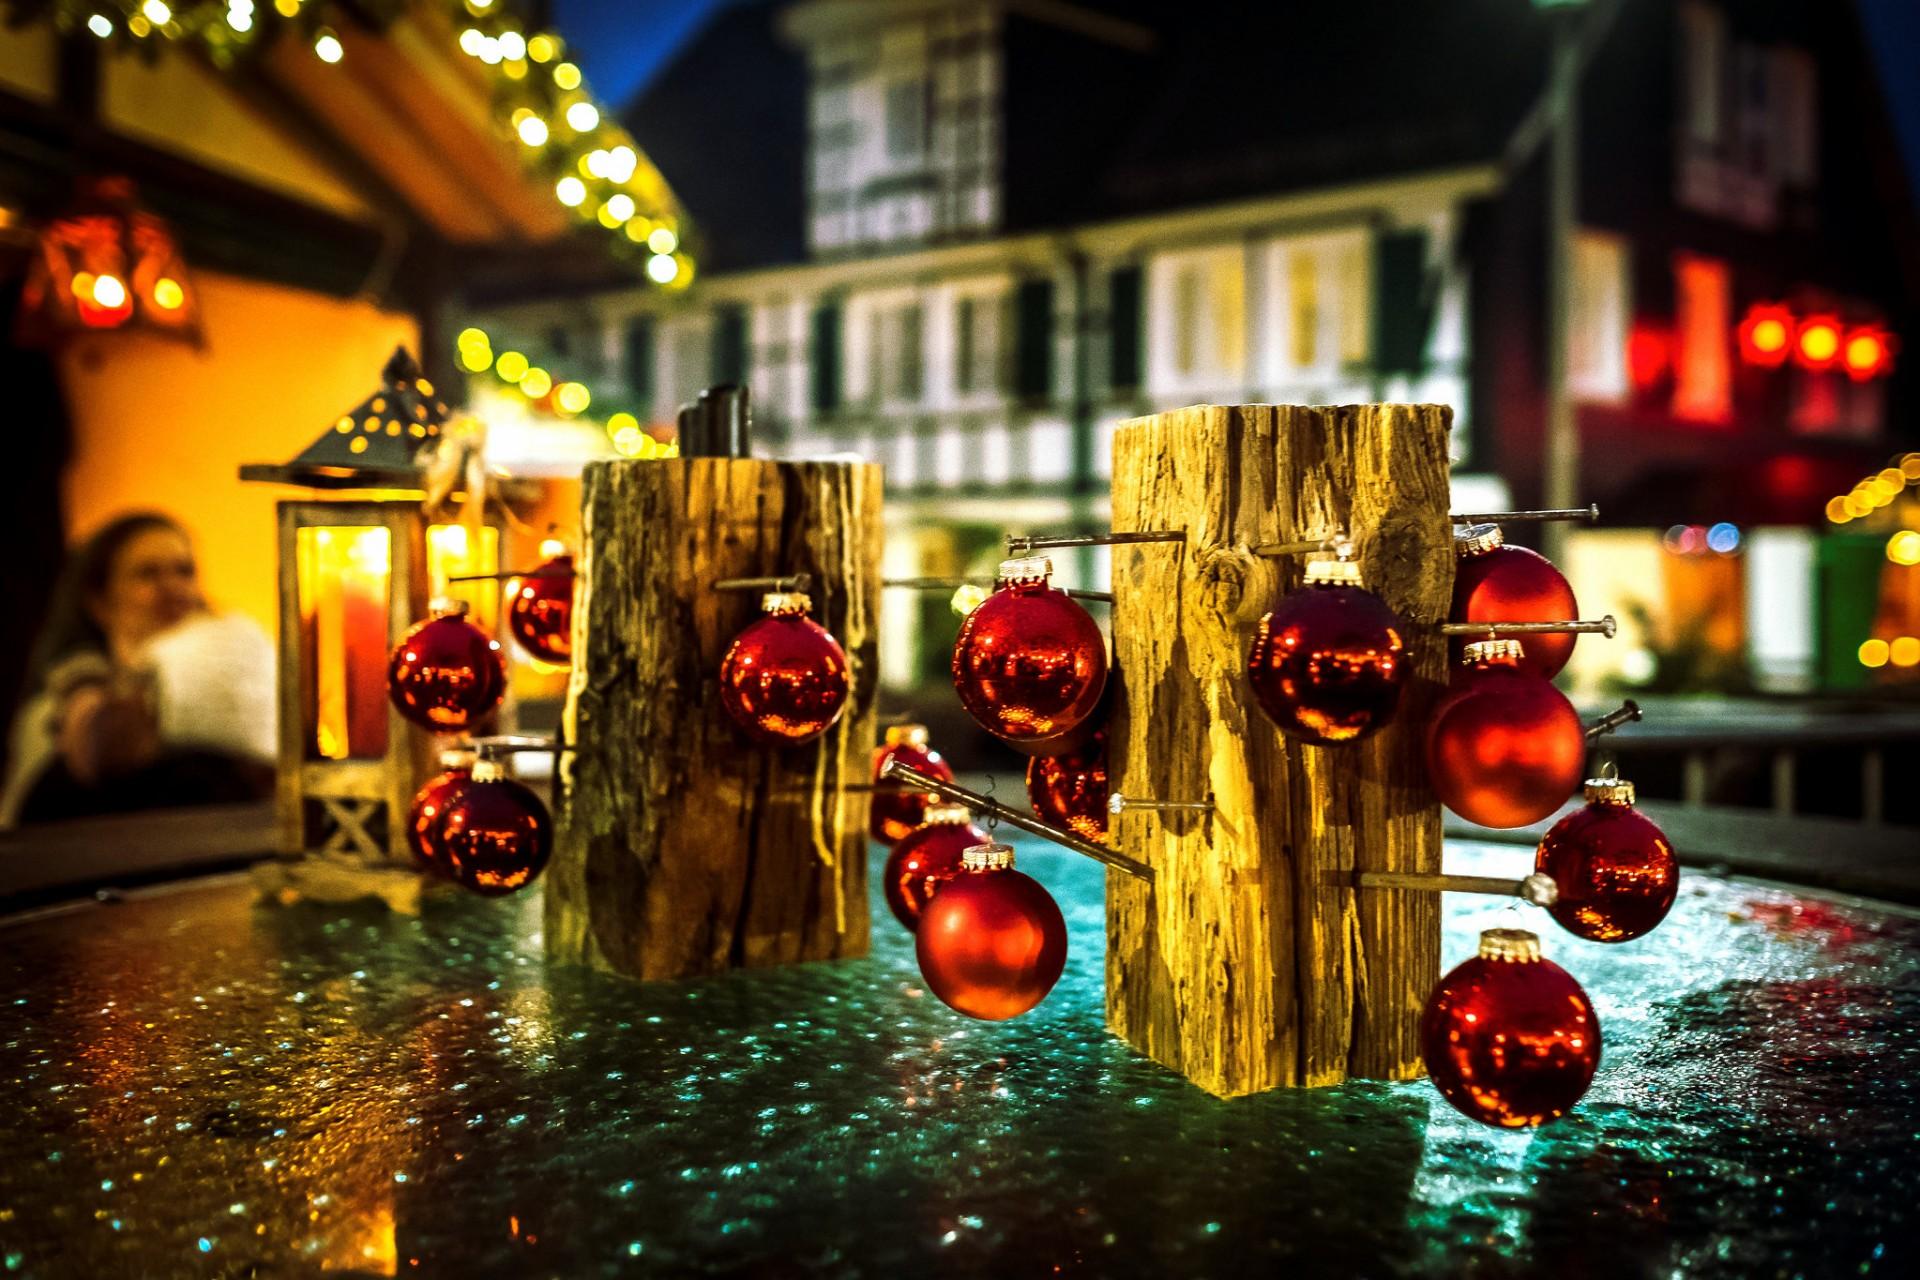 christmas-image-30